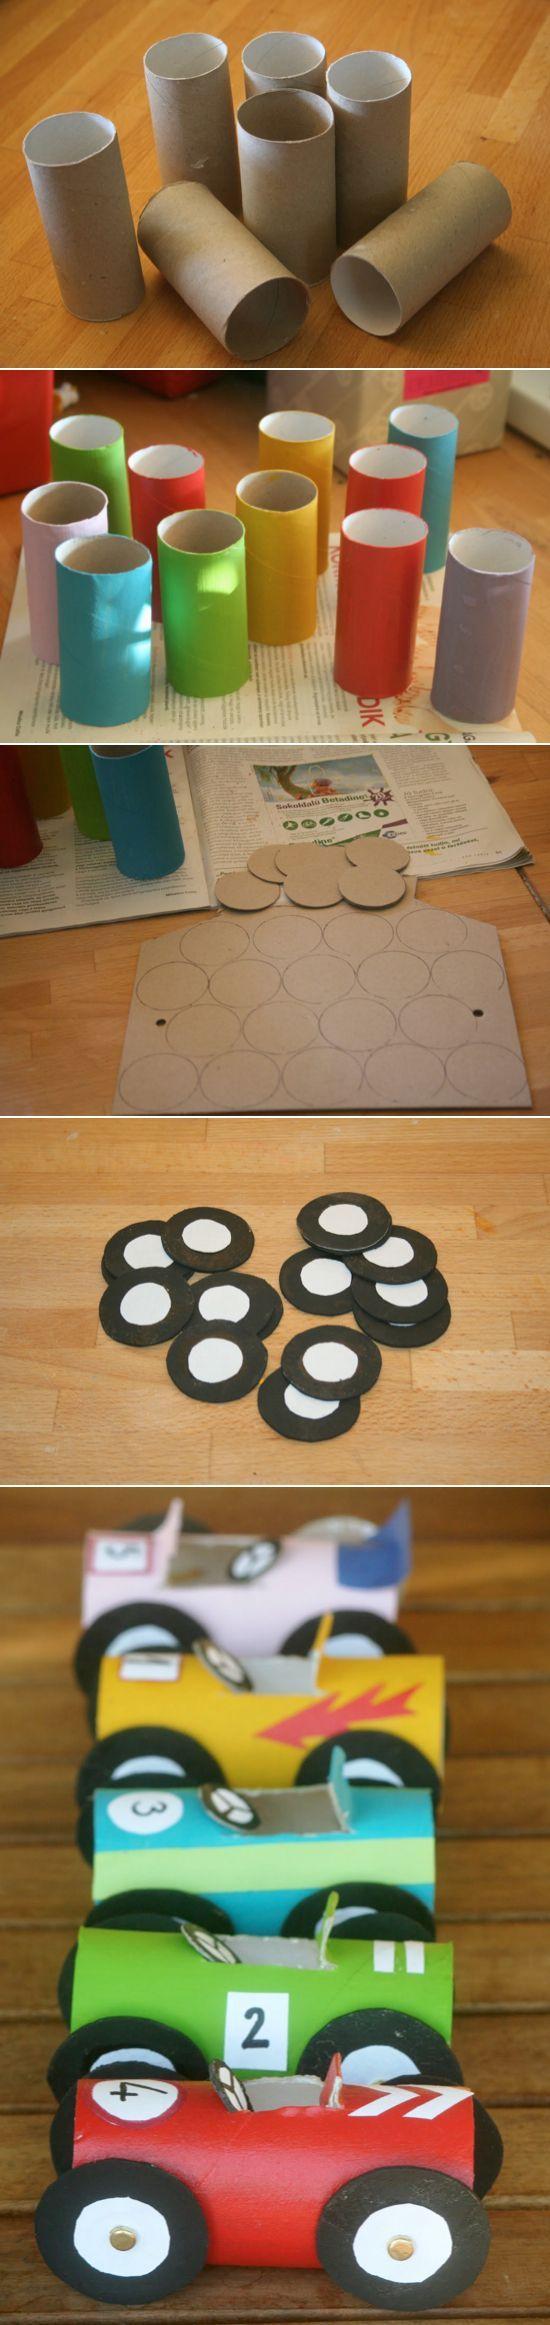 Toilet Paper Roll Crafts. Carrinhos com rolo de papel higienico. Reciclagem de material.